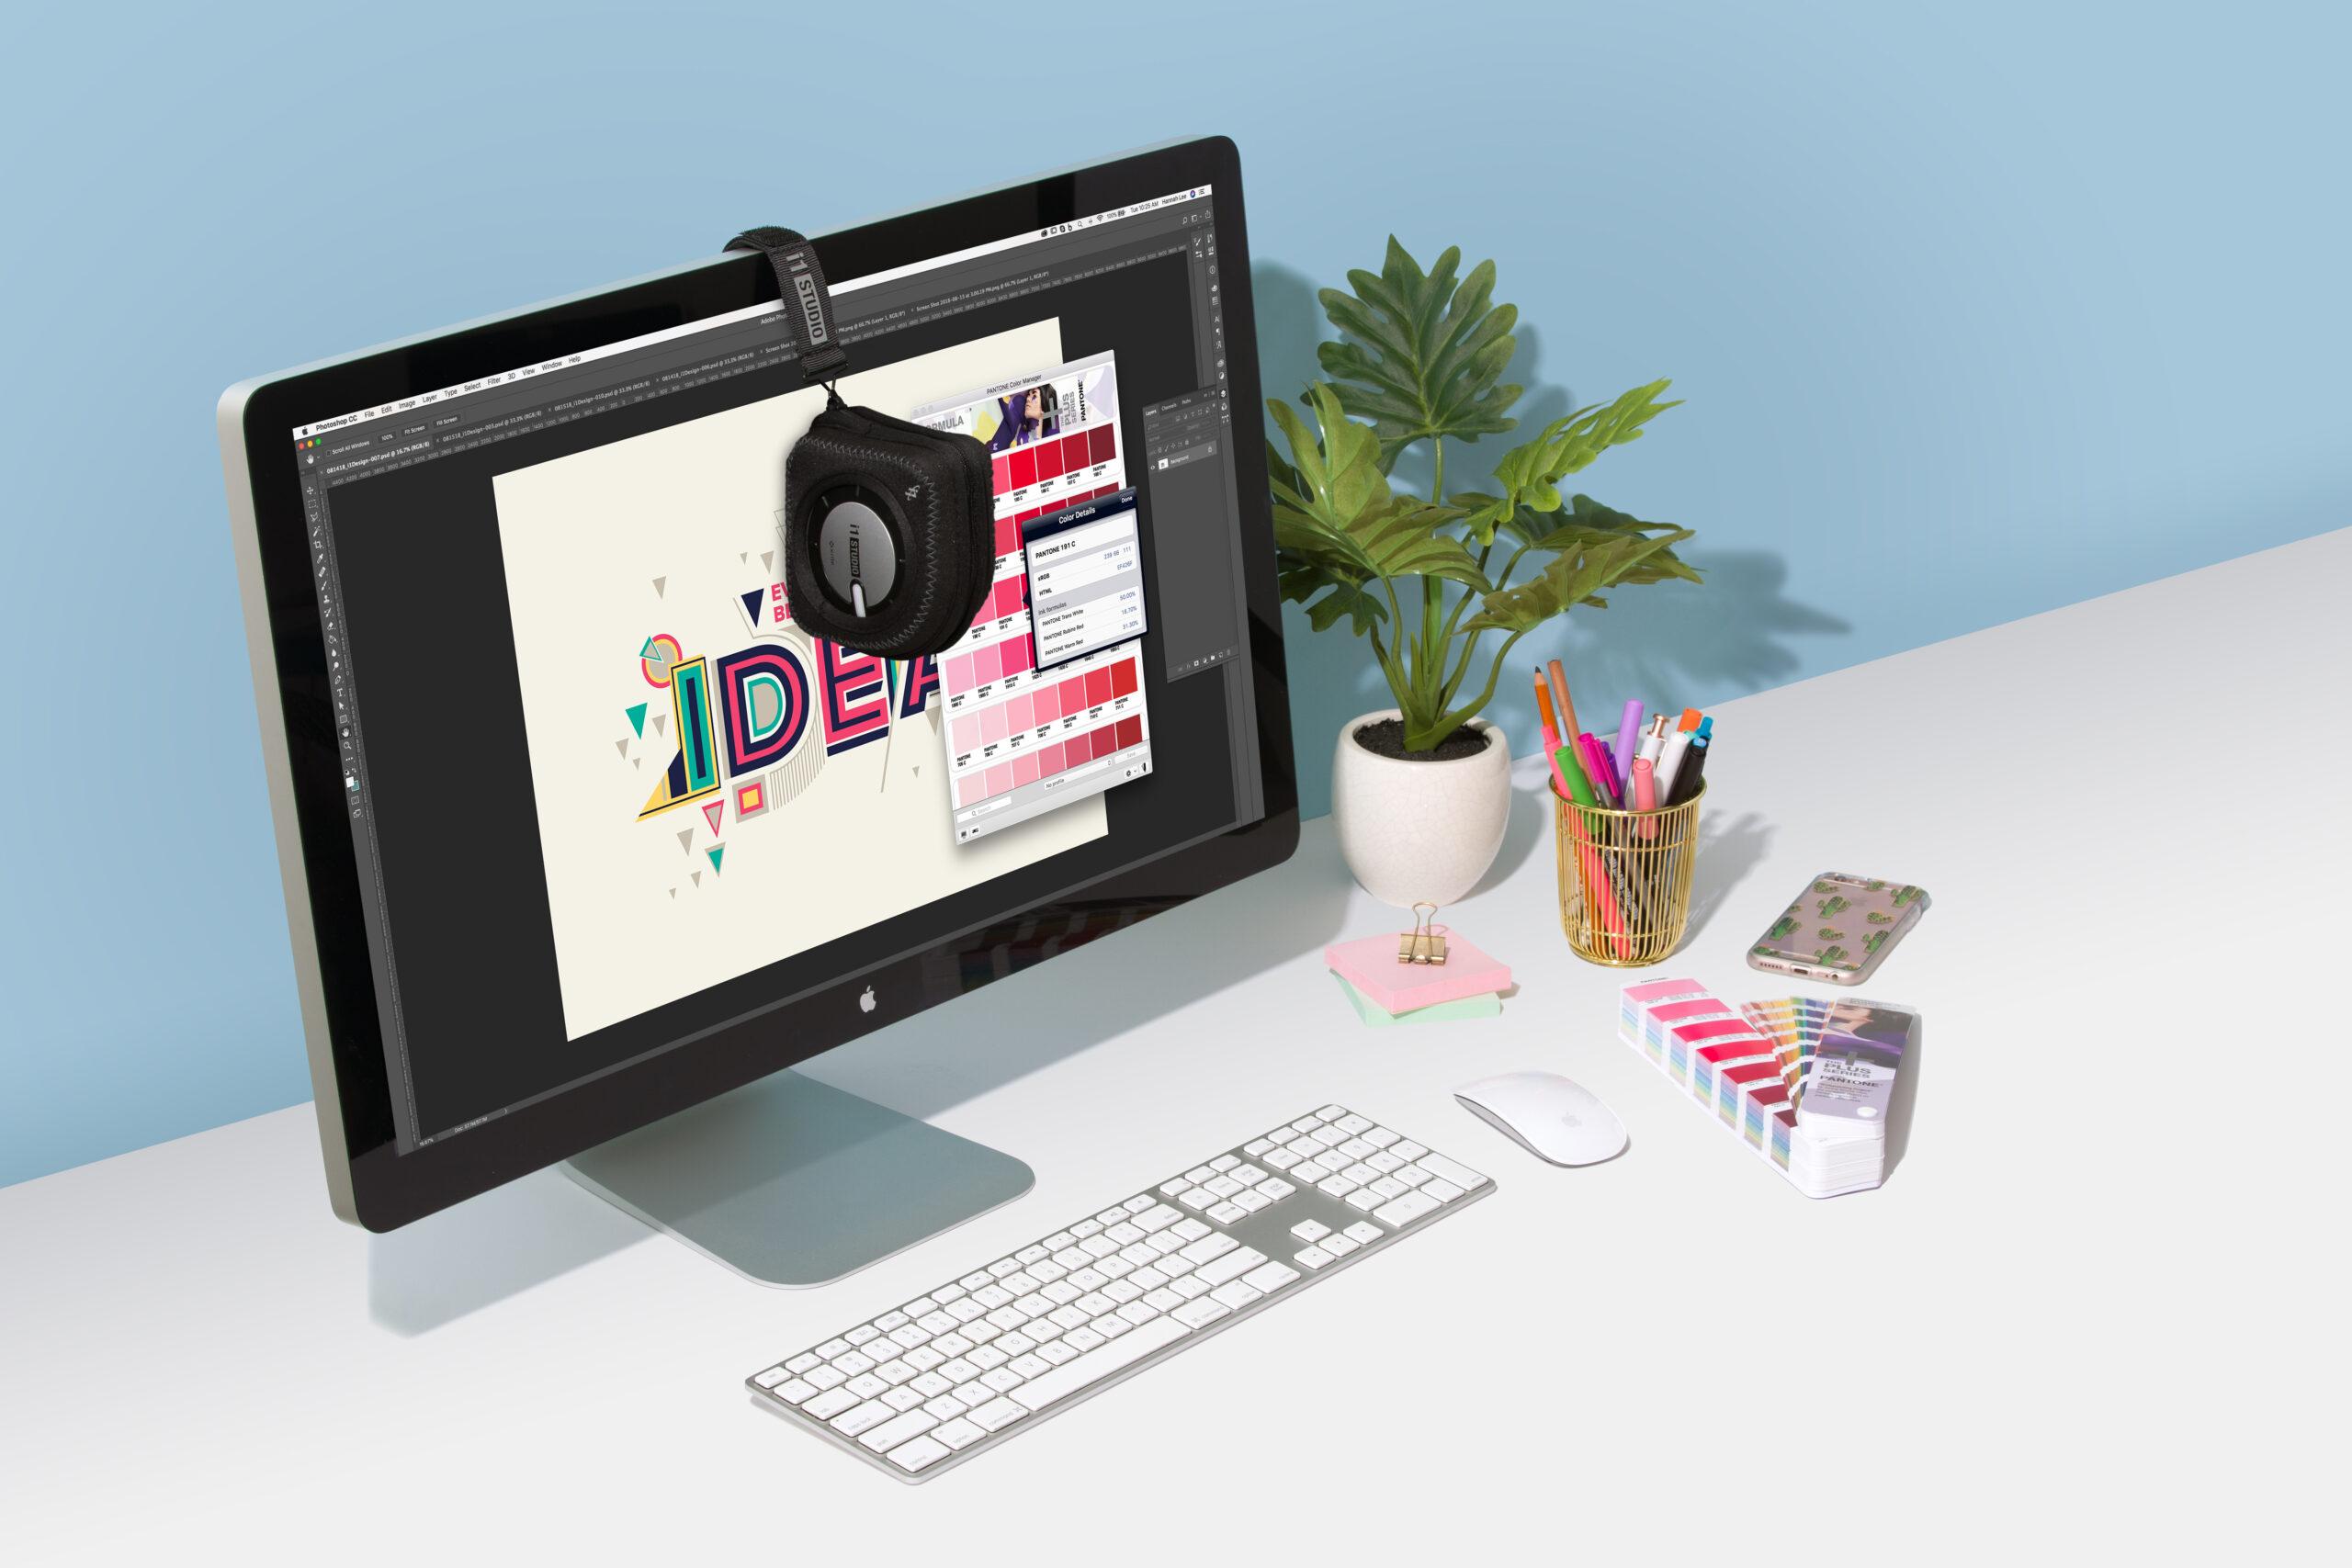 ideas on laptop